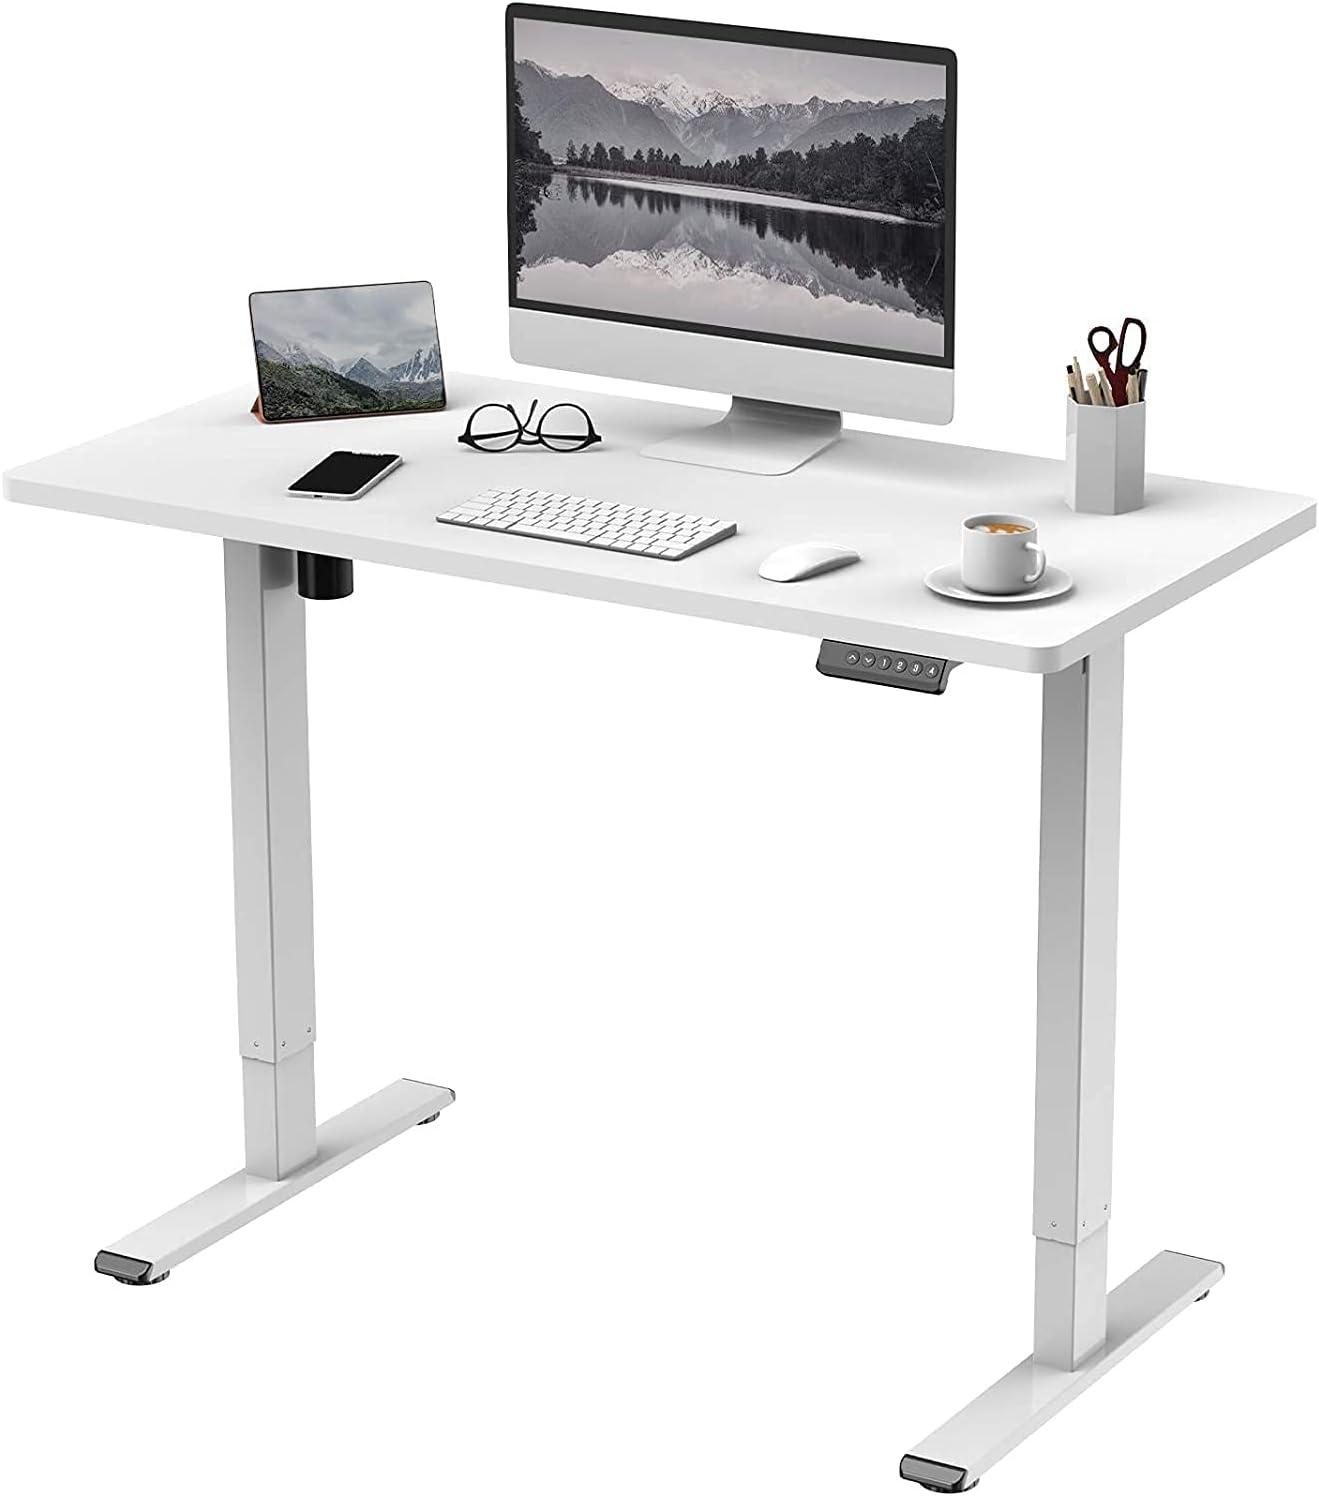 Buy FLEXISPOT Electric Height Adjustable Standing Desk Sit Stand Desk  Adjustable Desk Stand Up Desk with Memory Smart Pannel EF1 Series(120 *  60cm, White Frame+White Desktop) Online in Turkey. B07KK1B2KJ